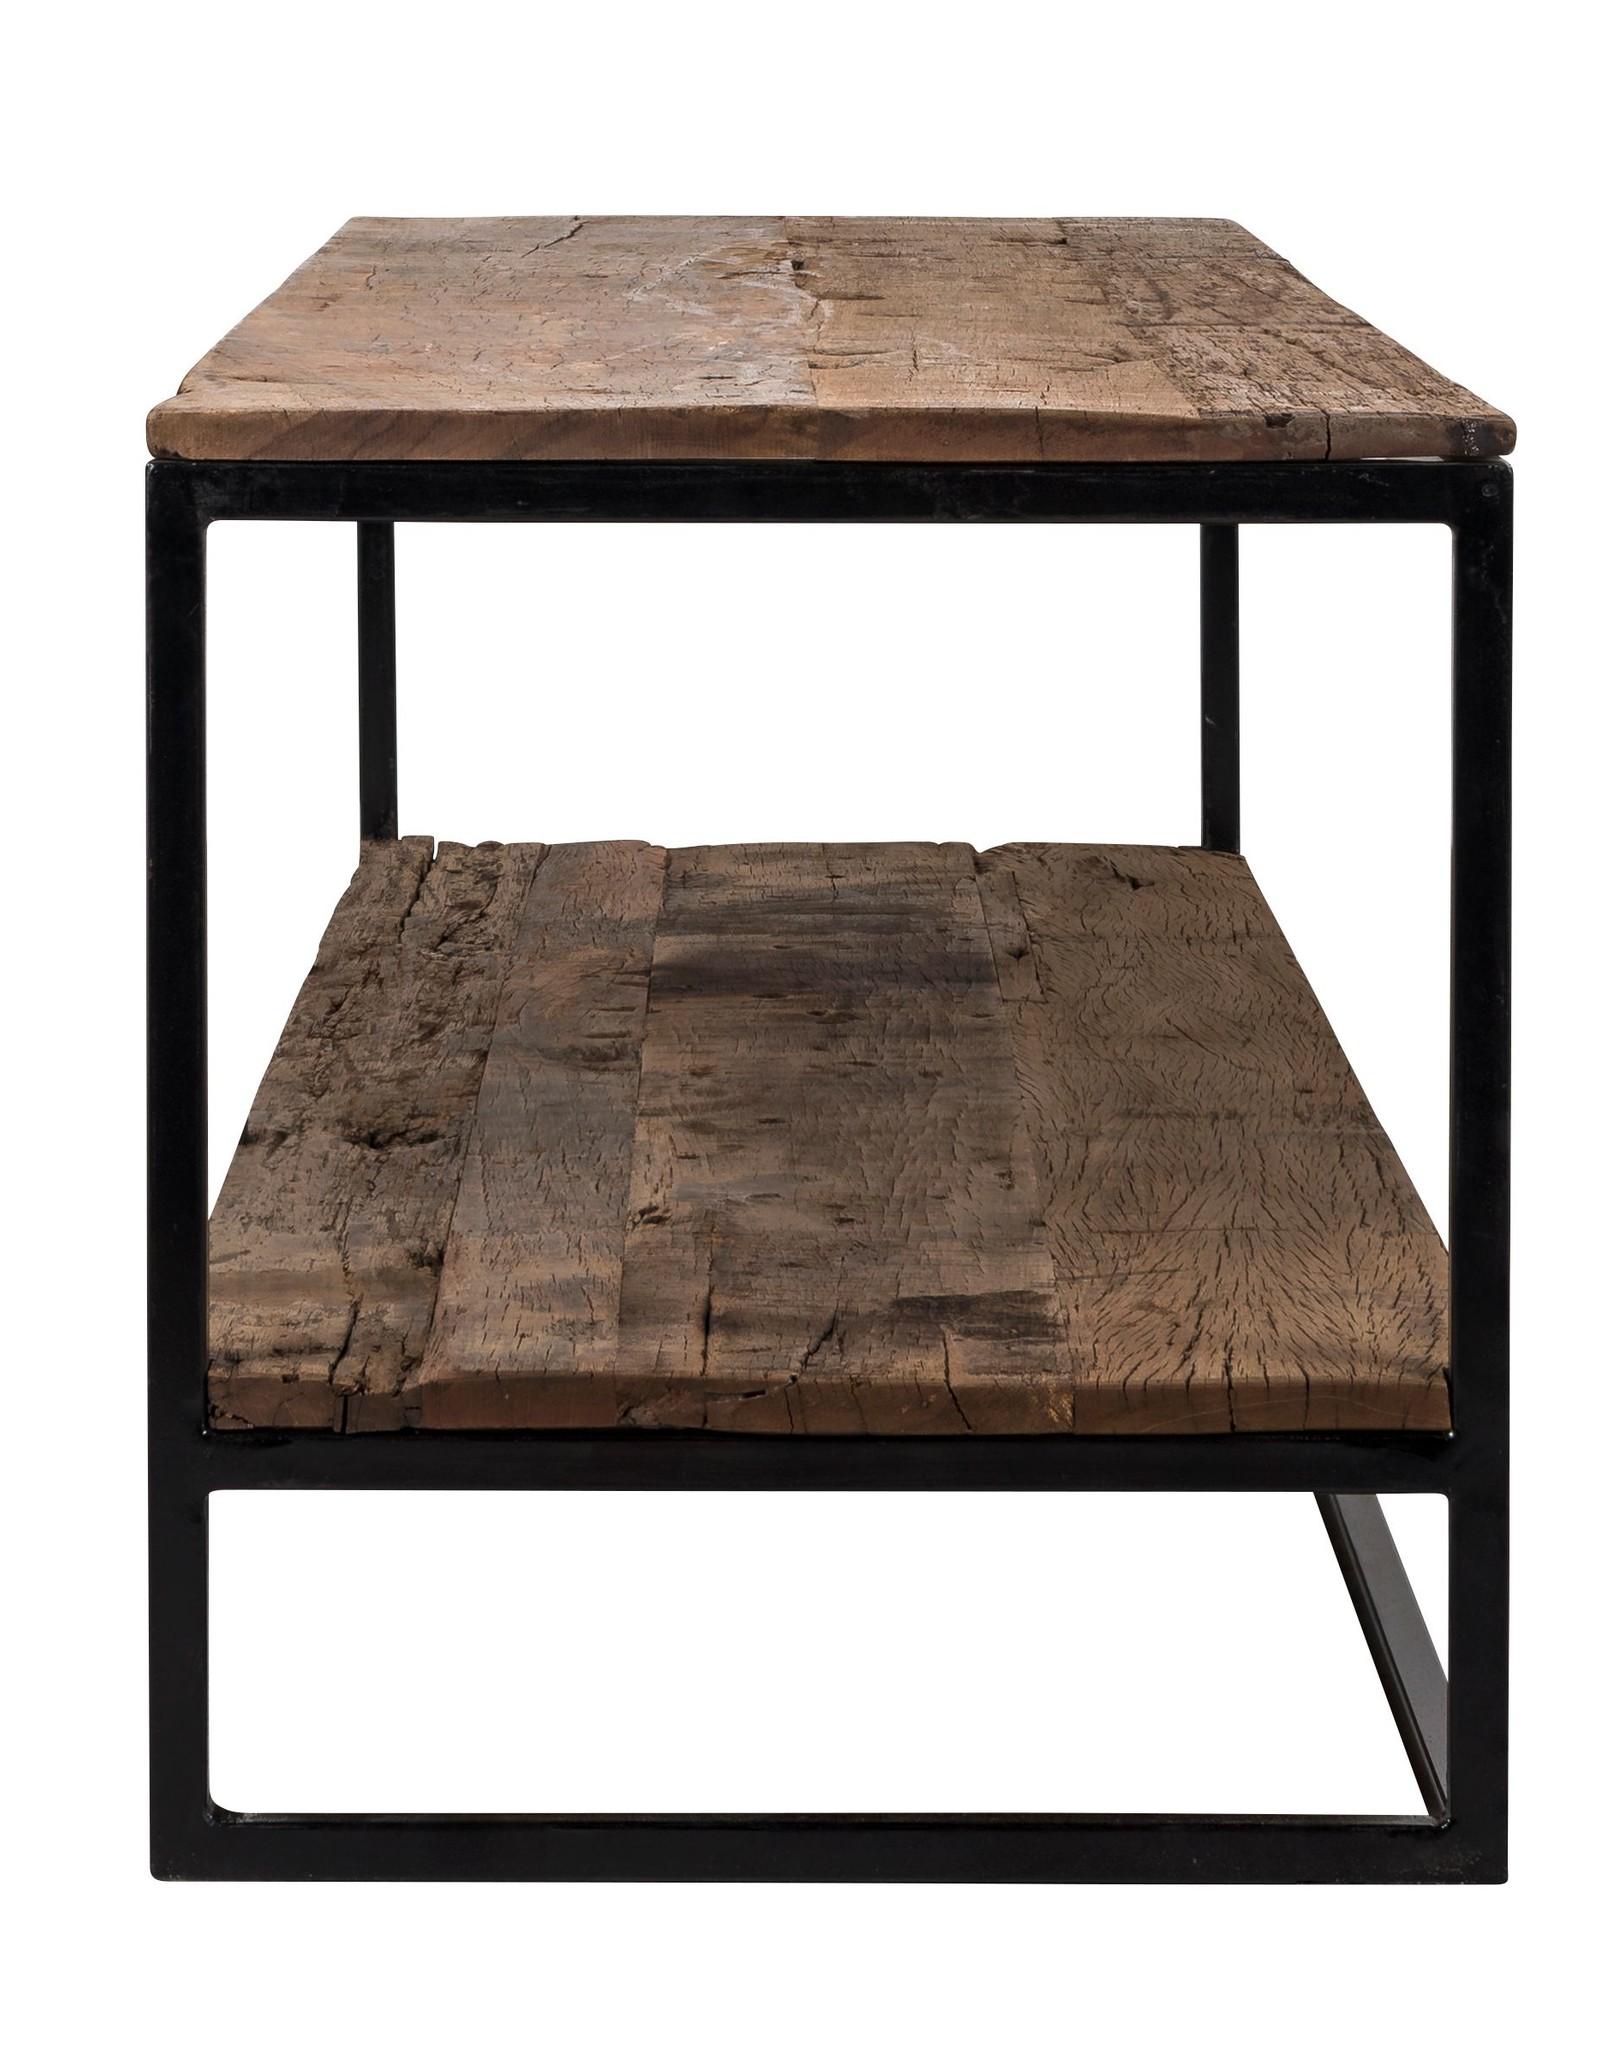 Richmond Interiors TV-dressoir Raffles, gerecyceld hout